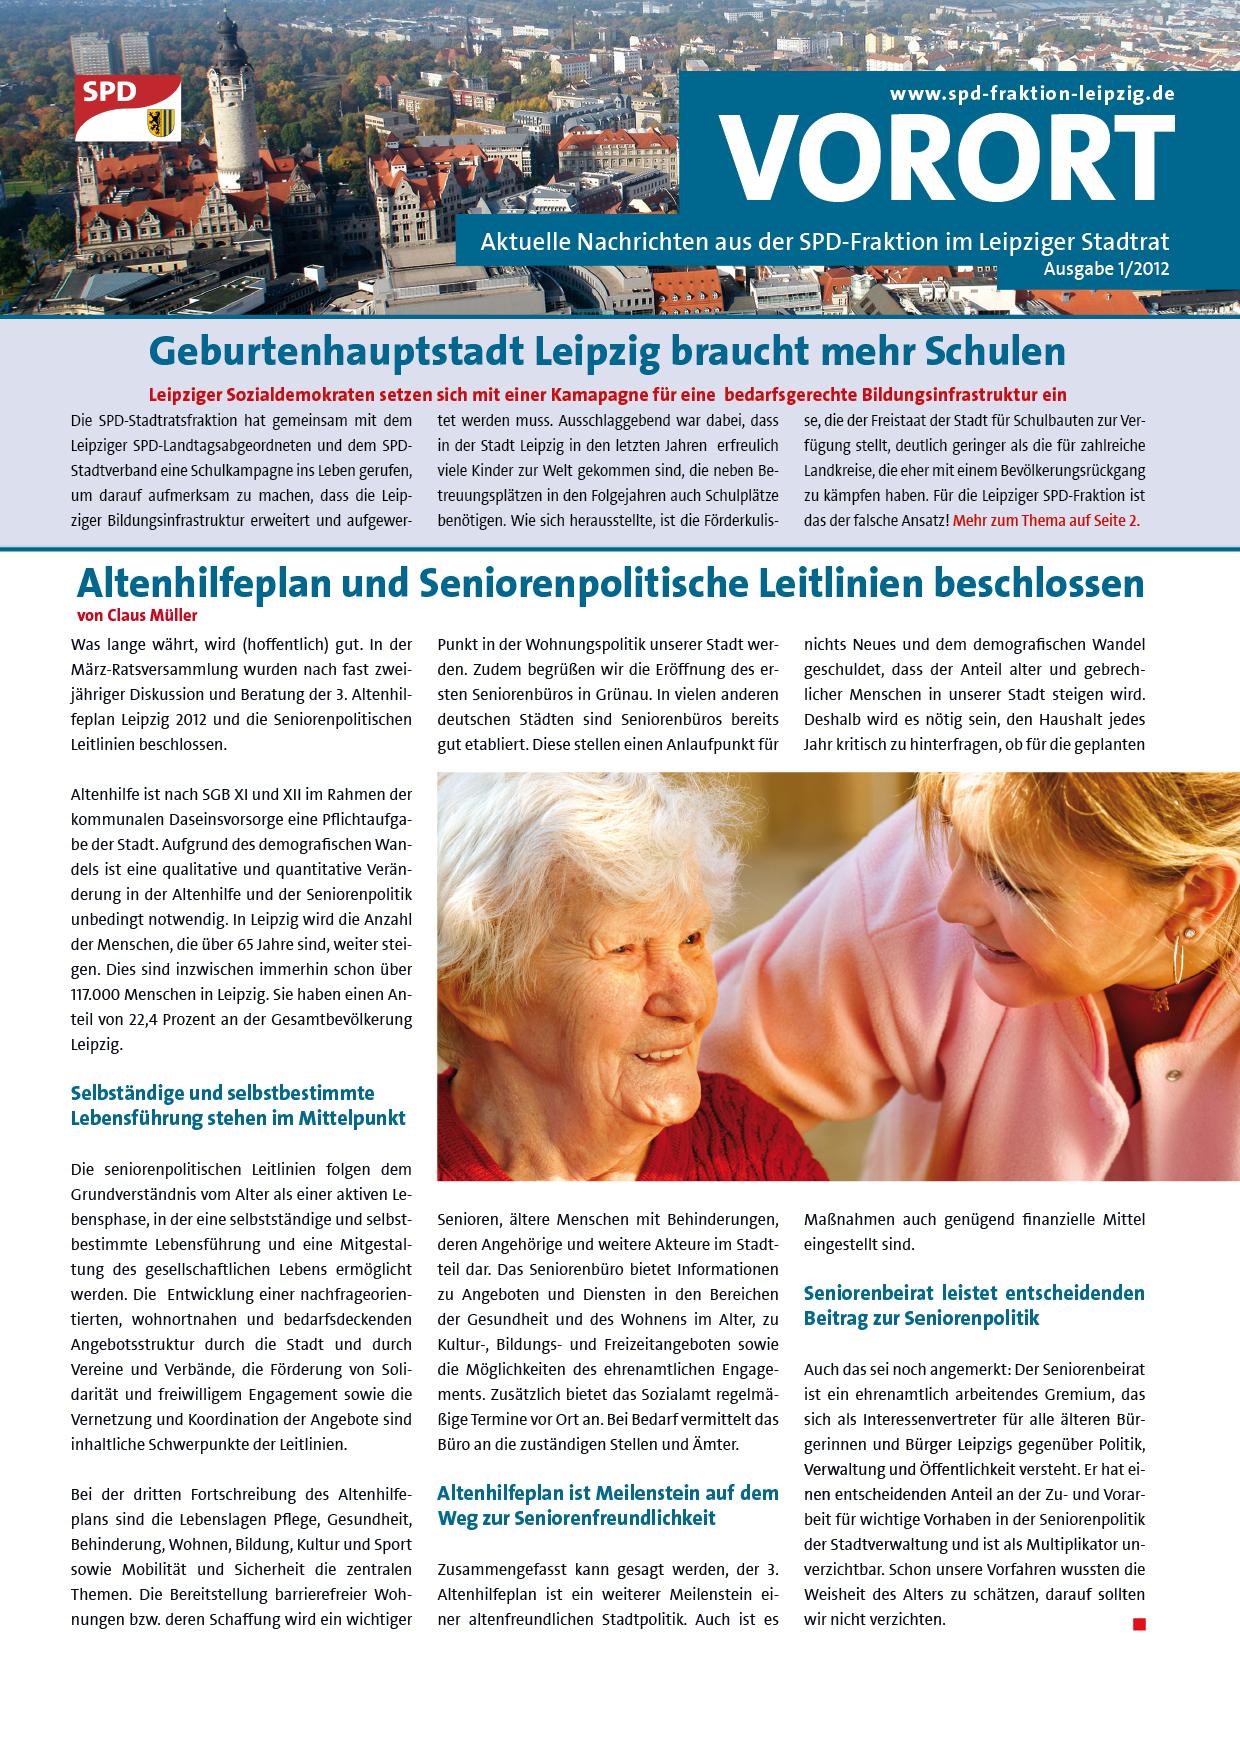 VOR ORT, Ausgabe 1/2012